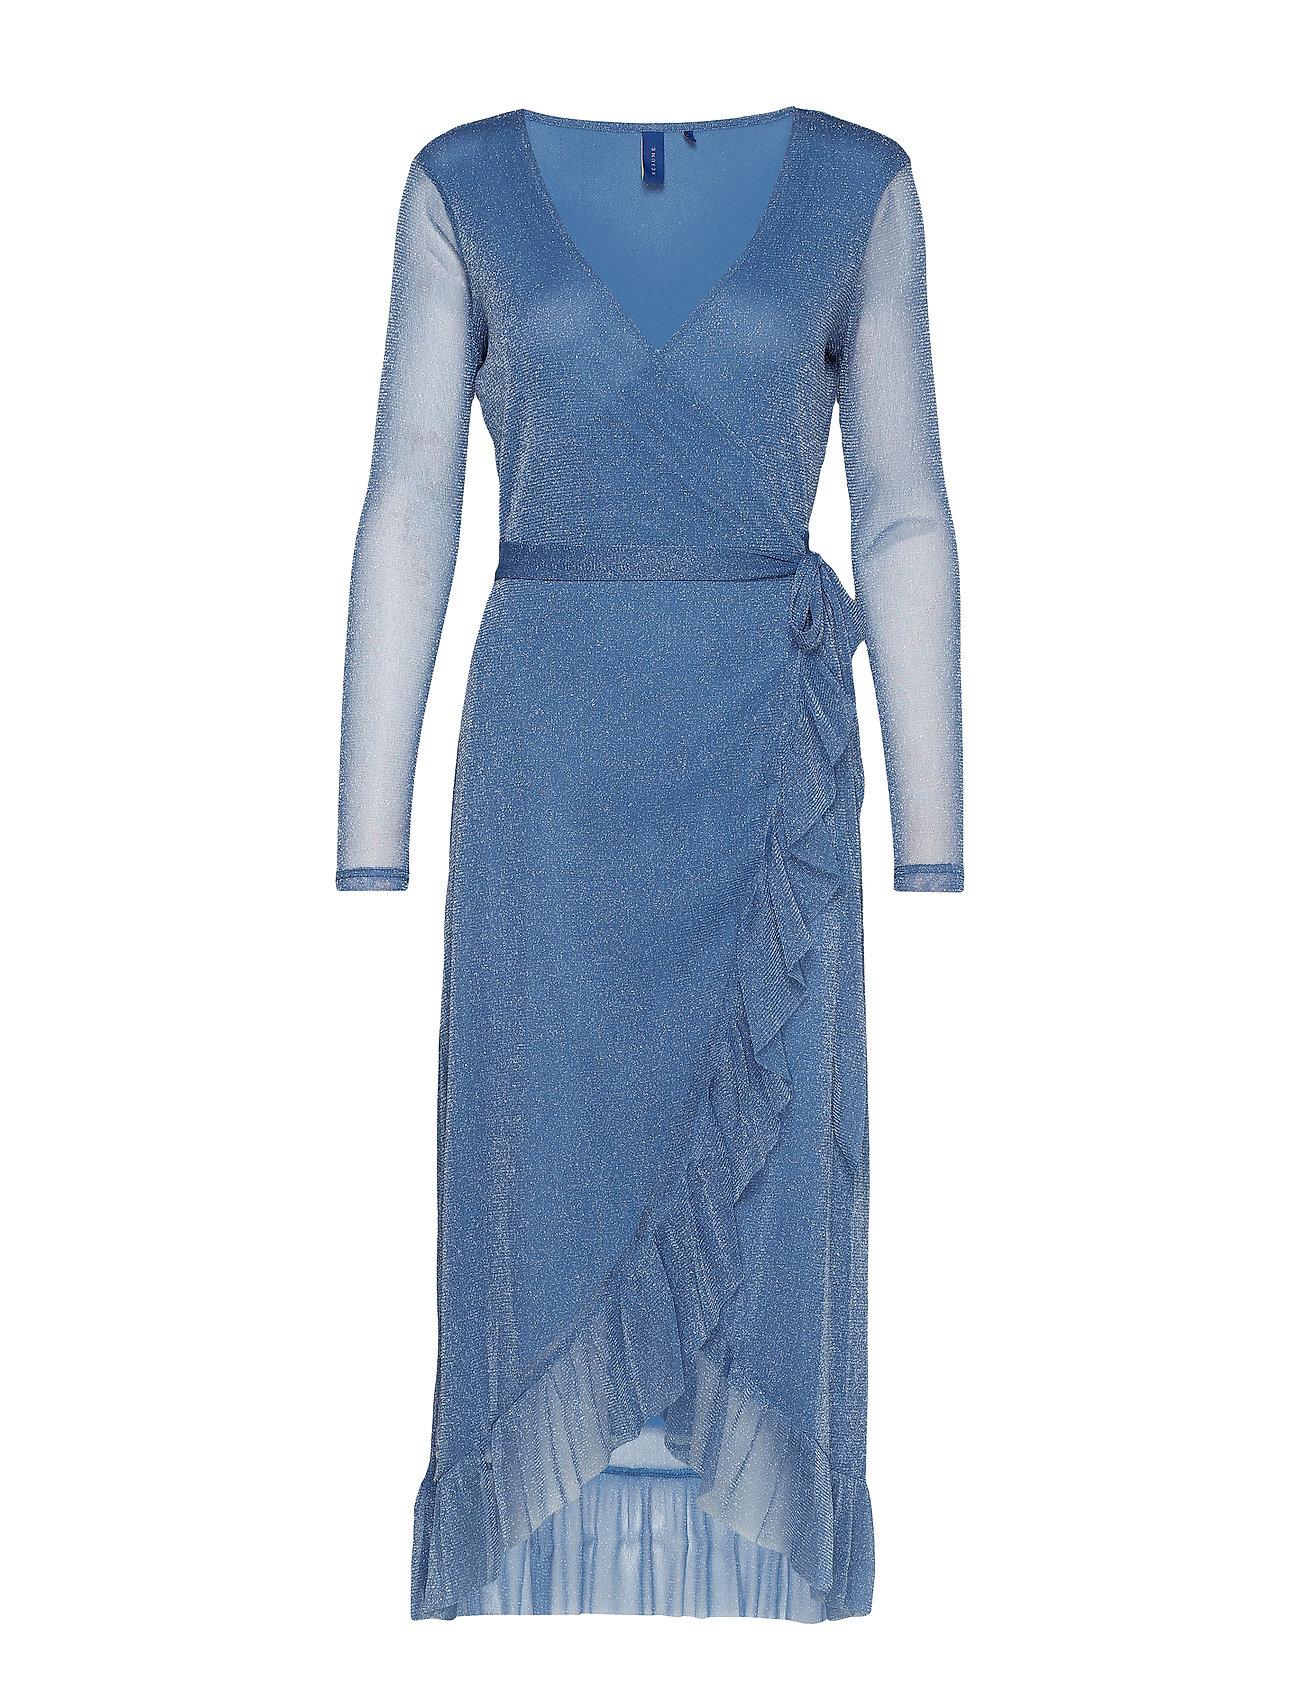 Résumé Nadia dress - OCEAN BLUE